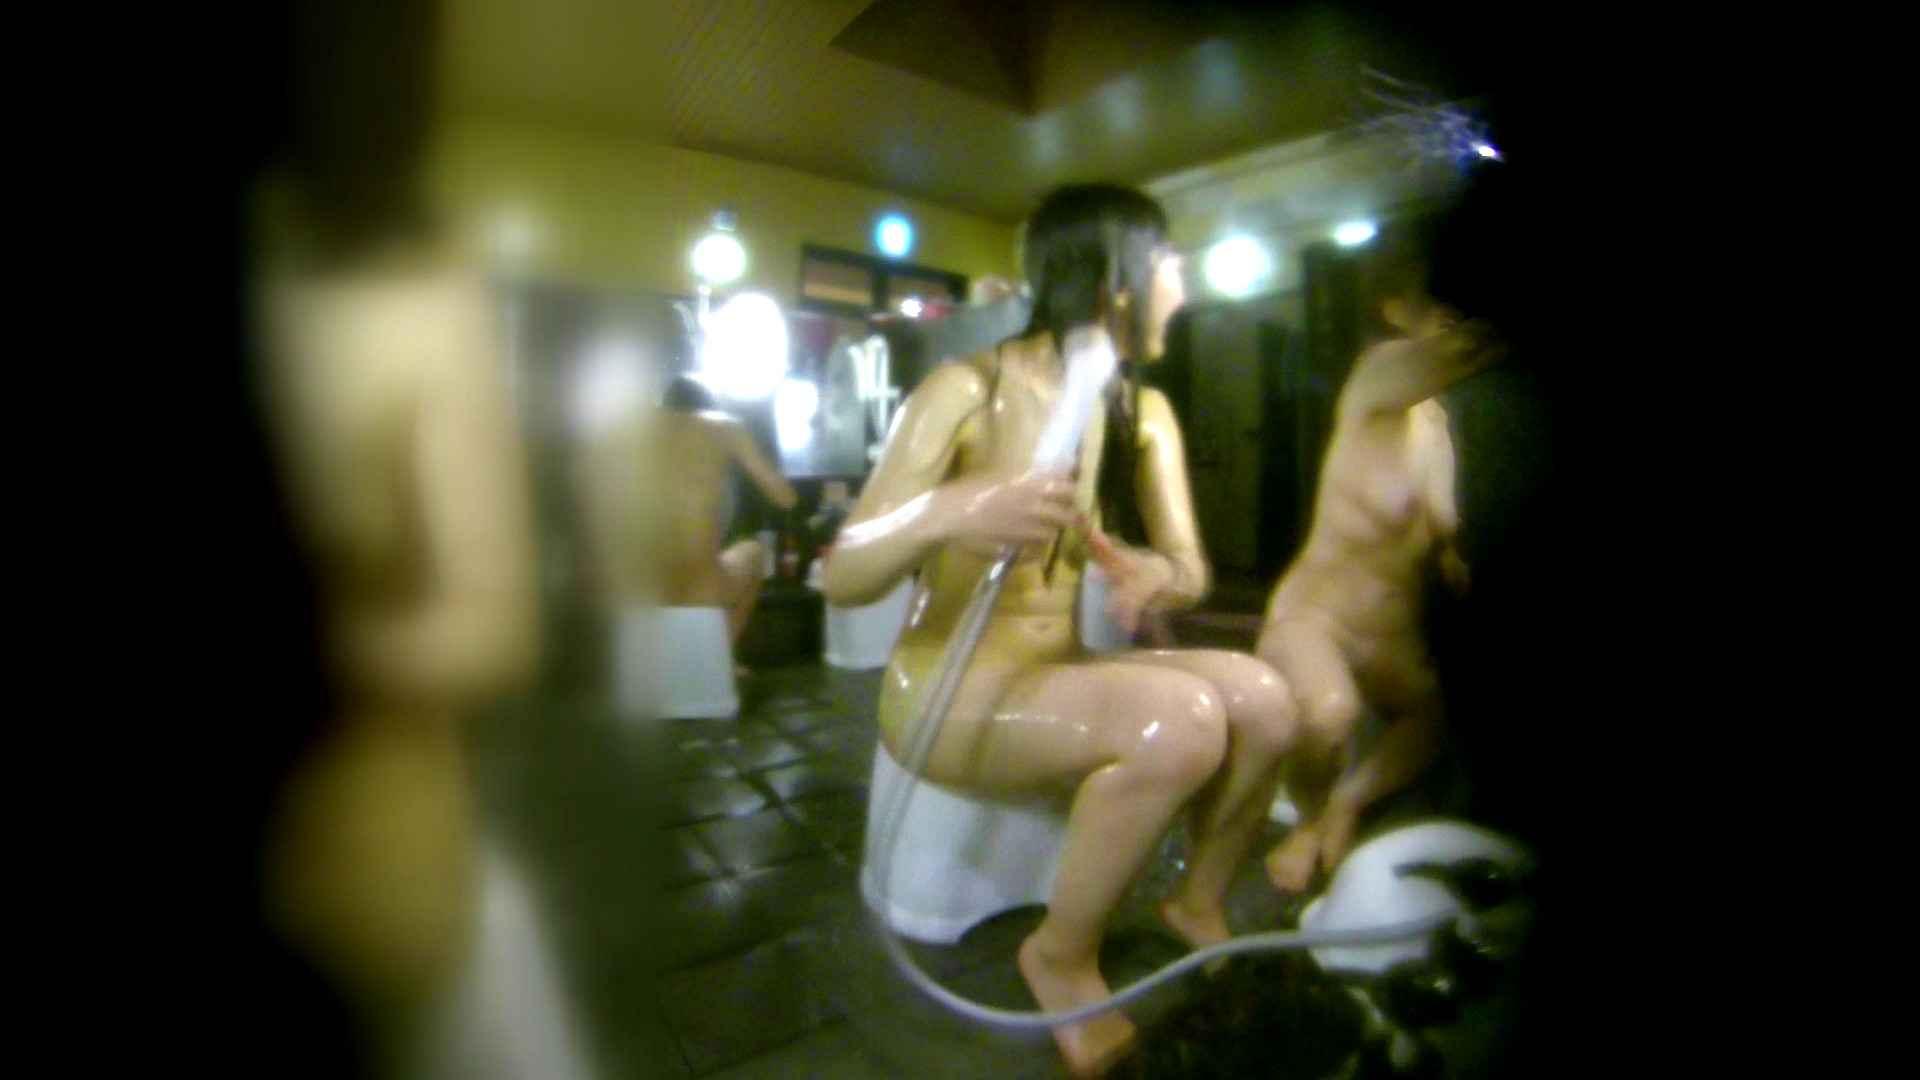 洗い場!右足の位置がいいですね。陰毛もっさり! 潜入 おまんこ動画流出 113pic 83